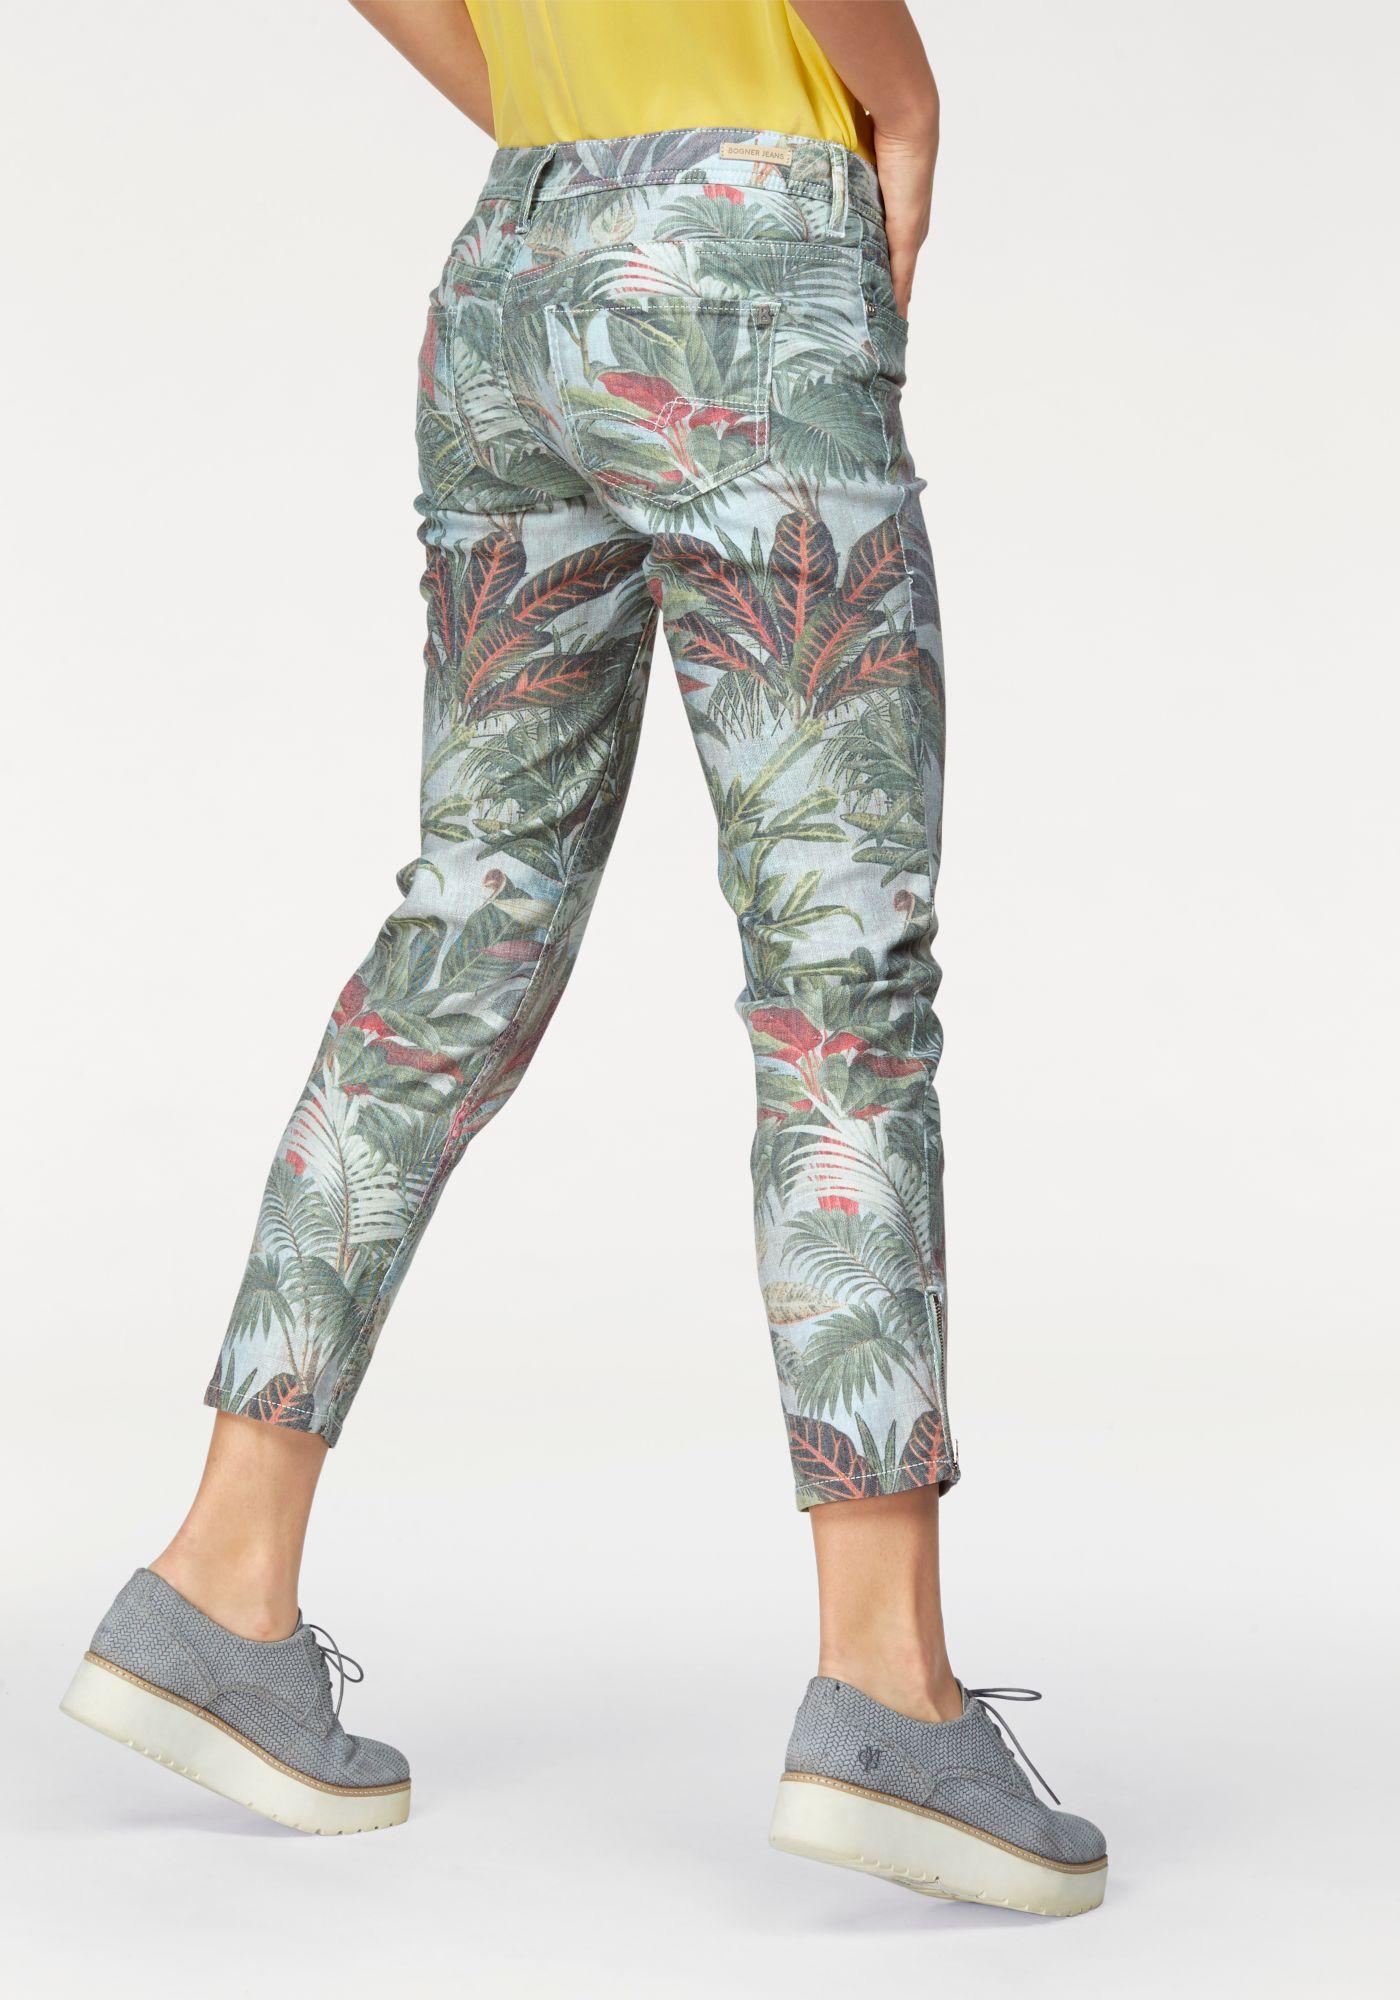 BOGNER JEANS Bogner Jeans 7/8-Jeans